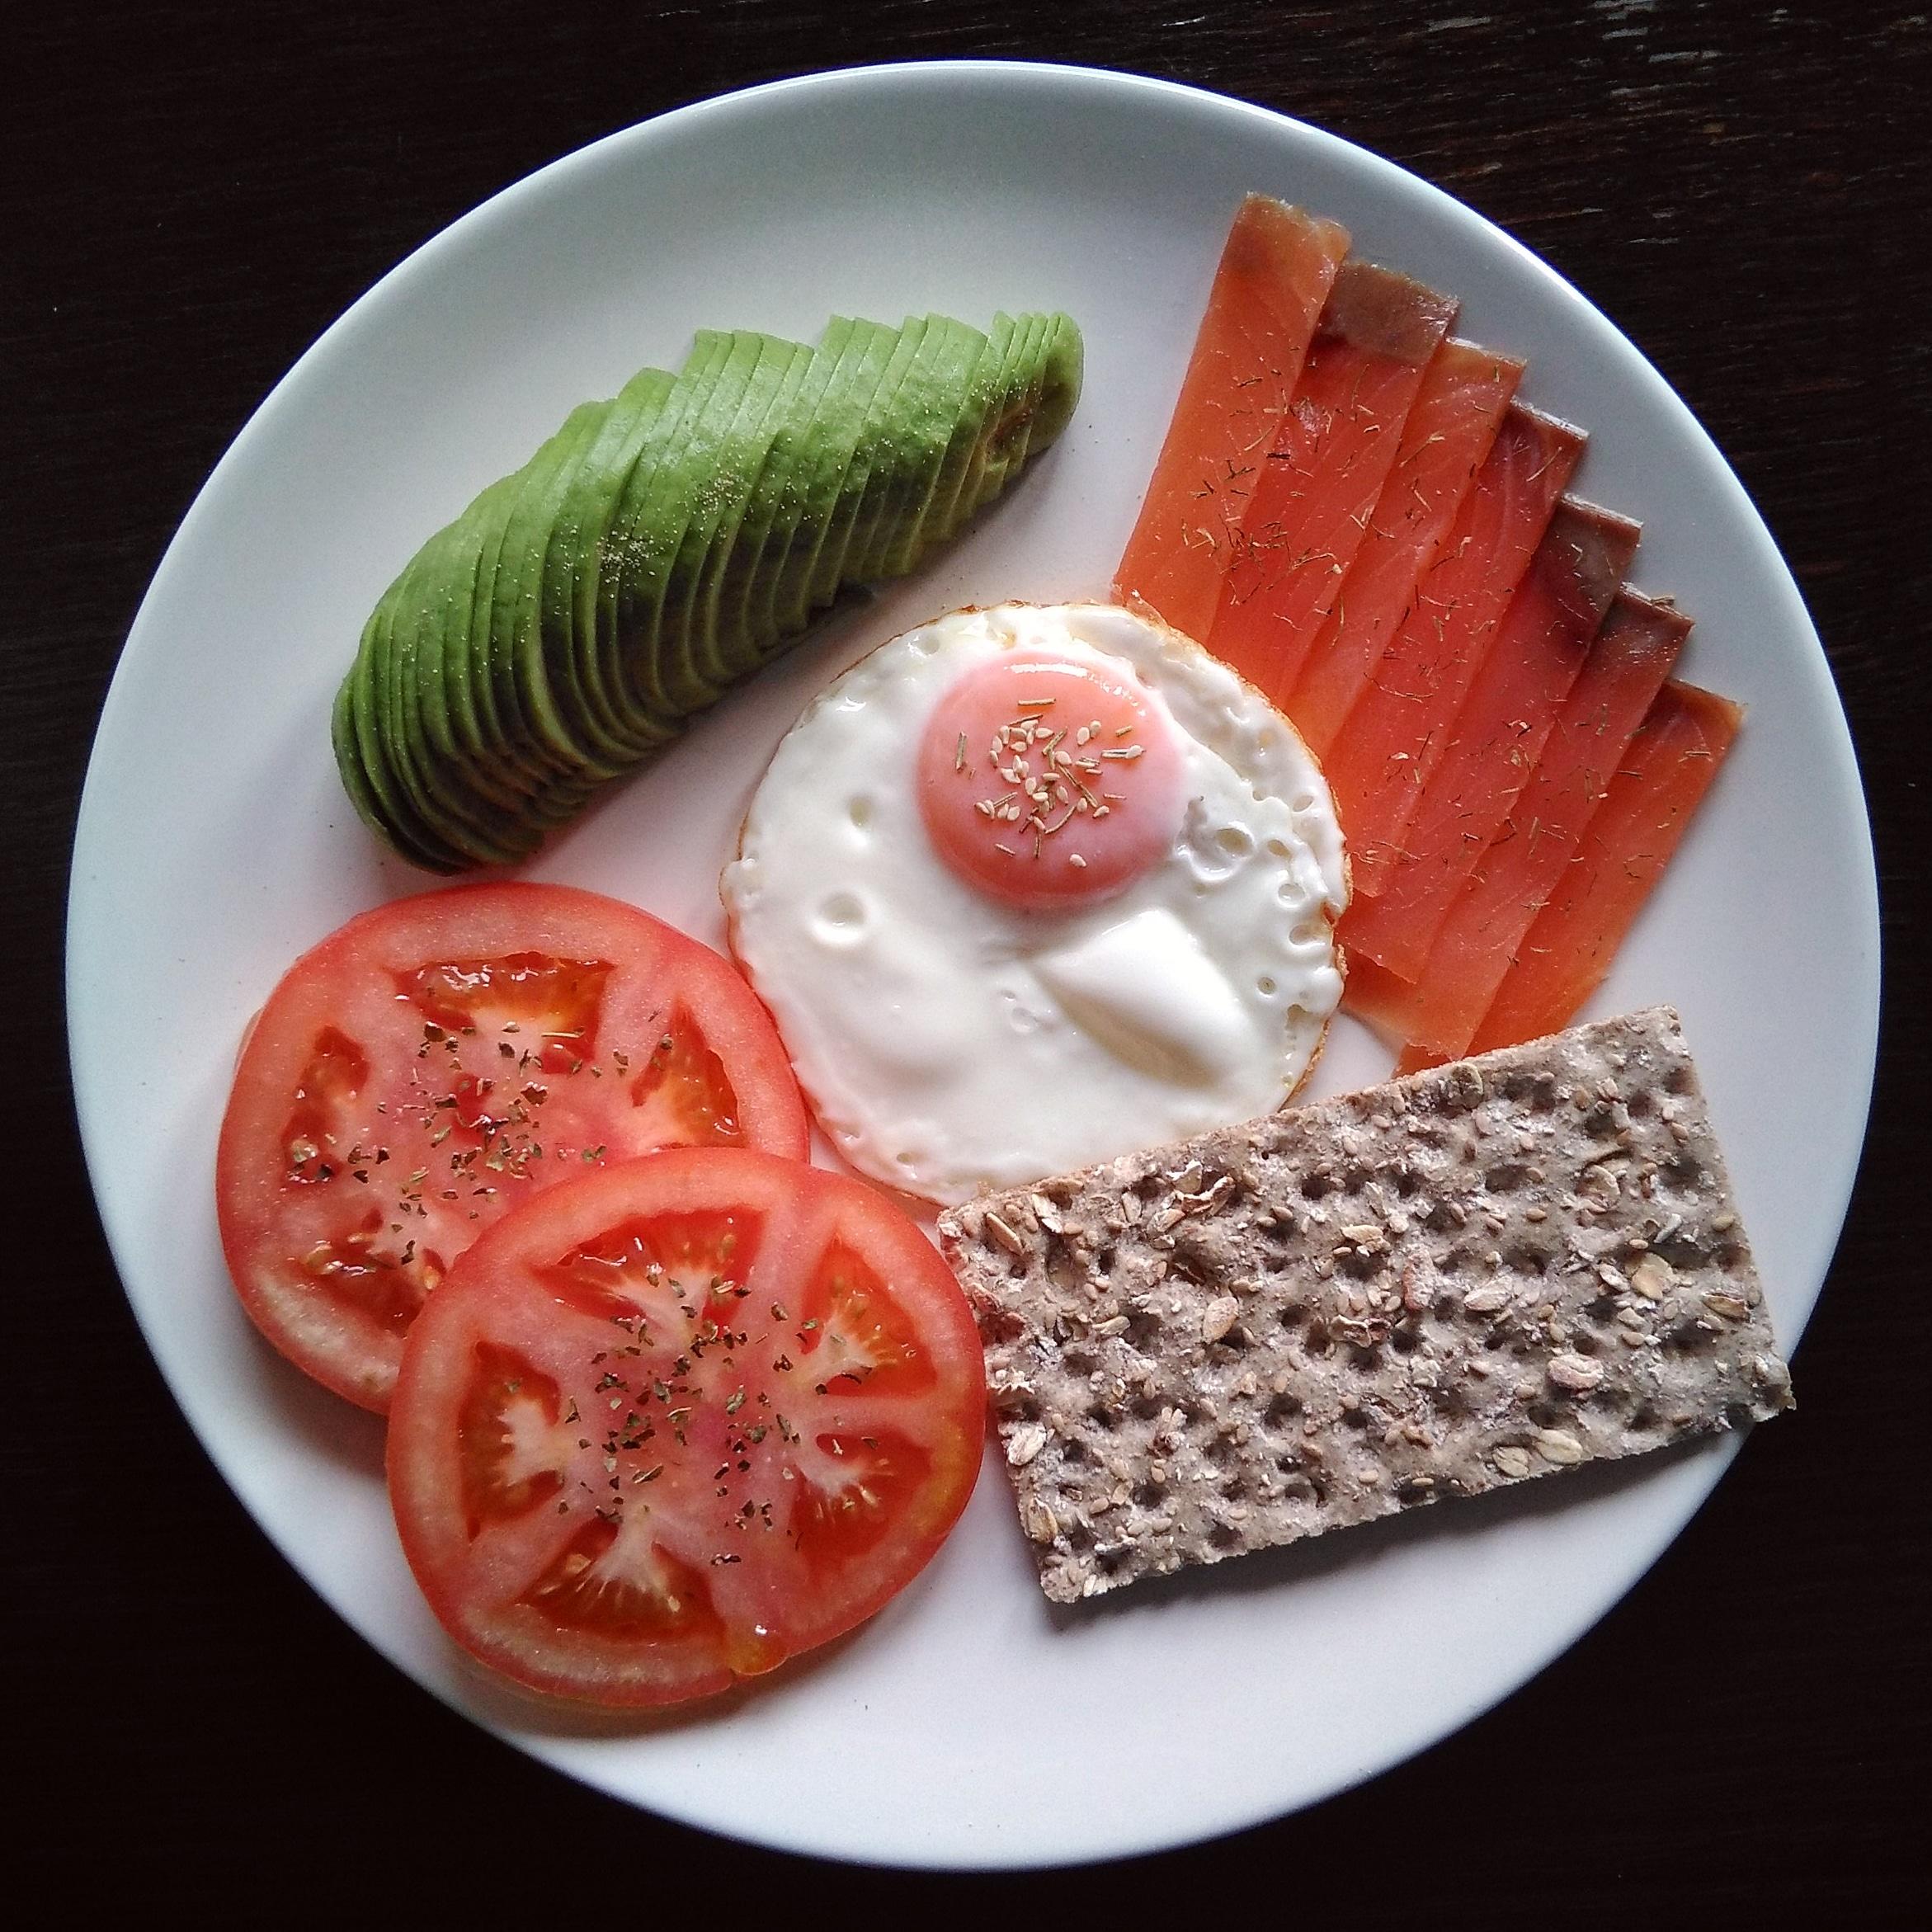 Huevo a la plancha, aguacate, salmón ahumado, tomate aliñado y pan wasa